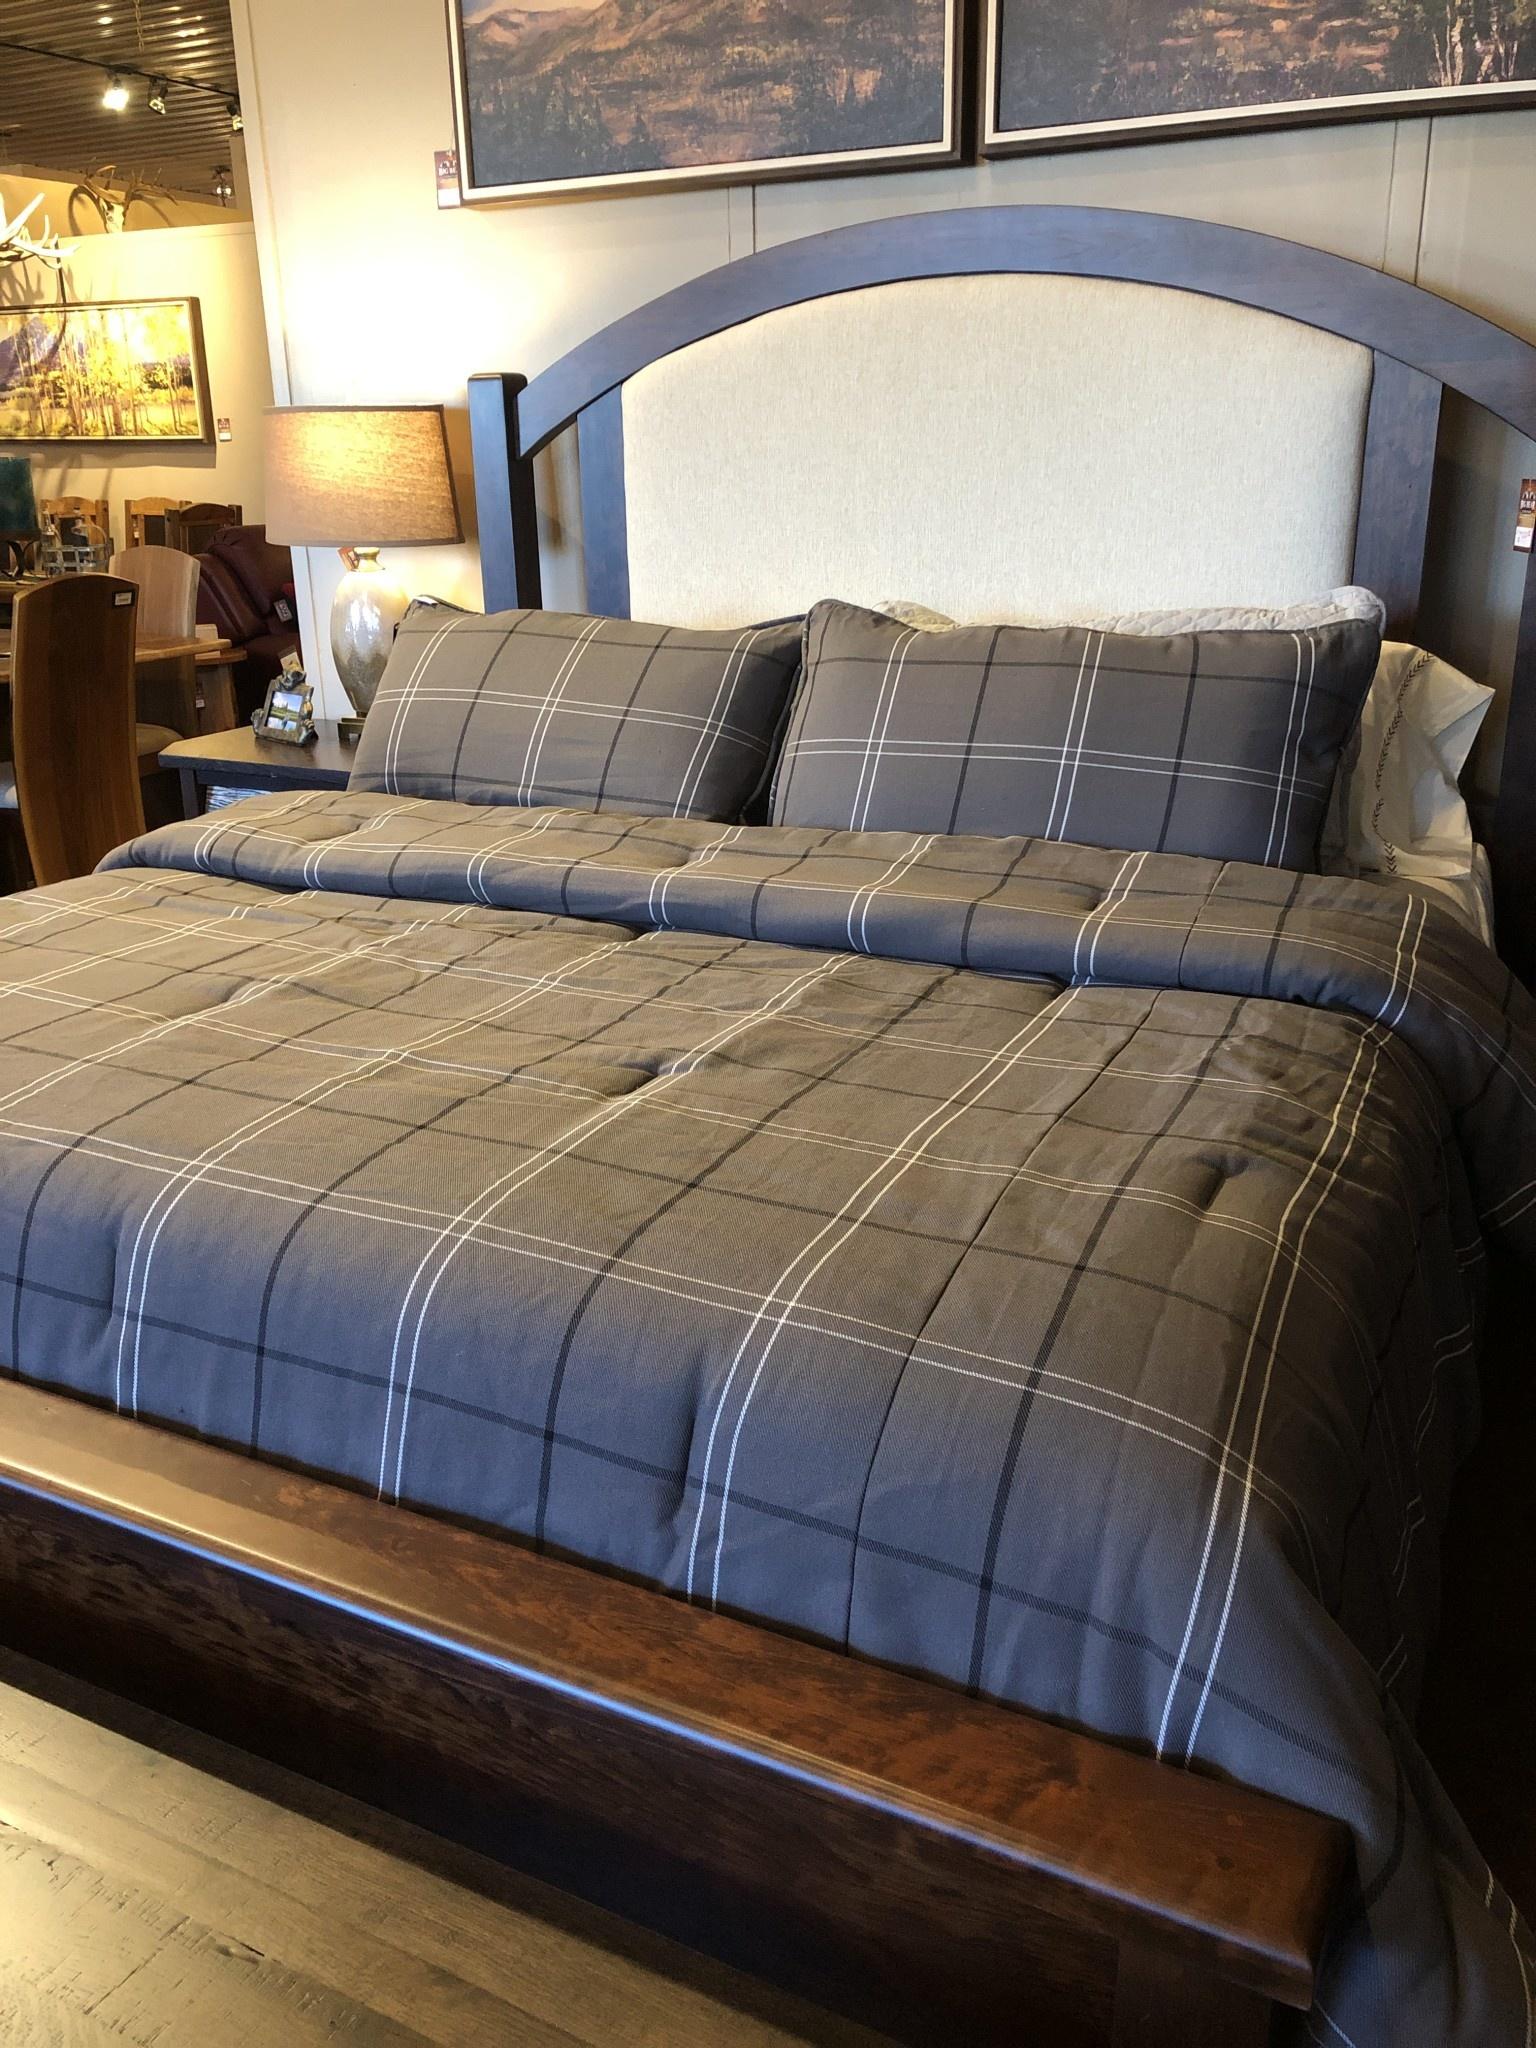 Hiend Heath  3 pc Comforter Set - King